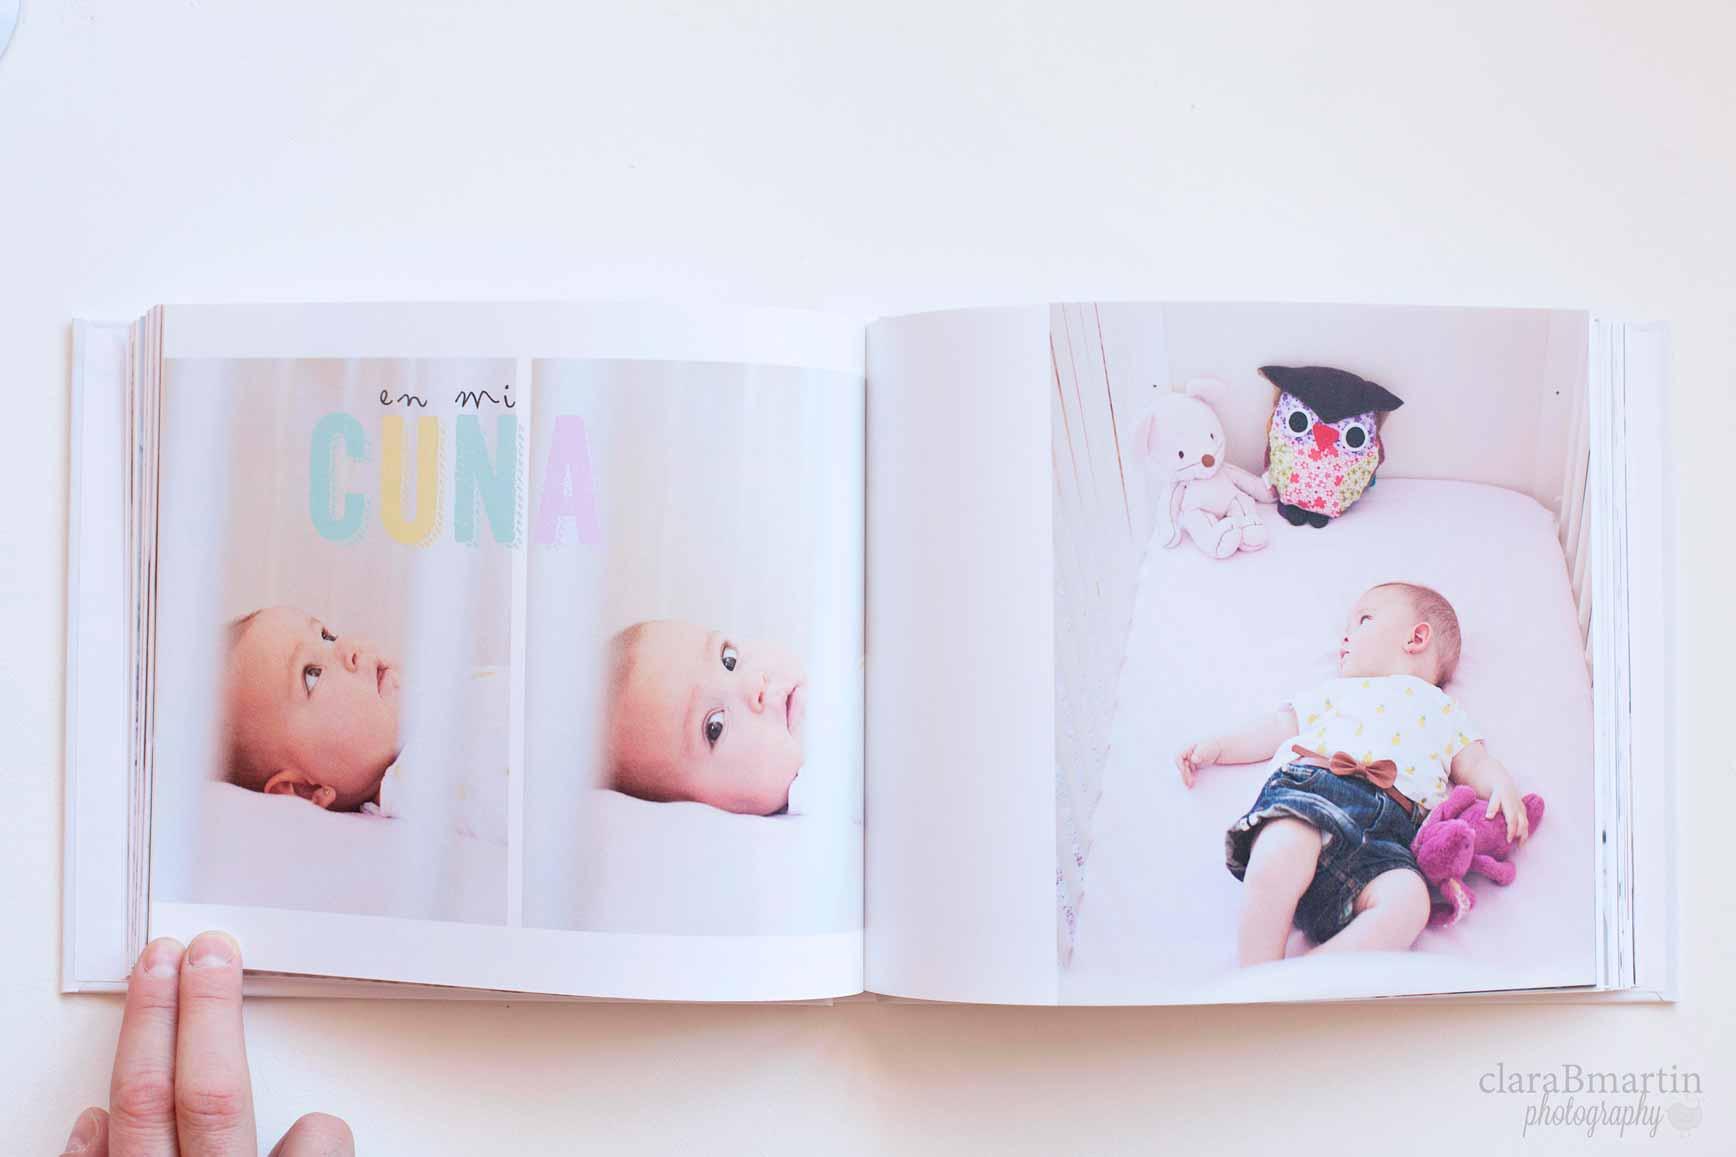 Libro_primer_añoclaraBmartin10